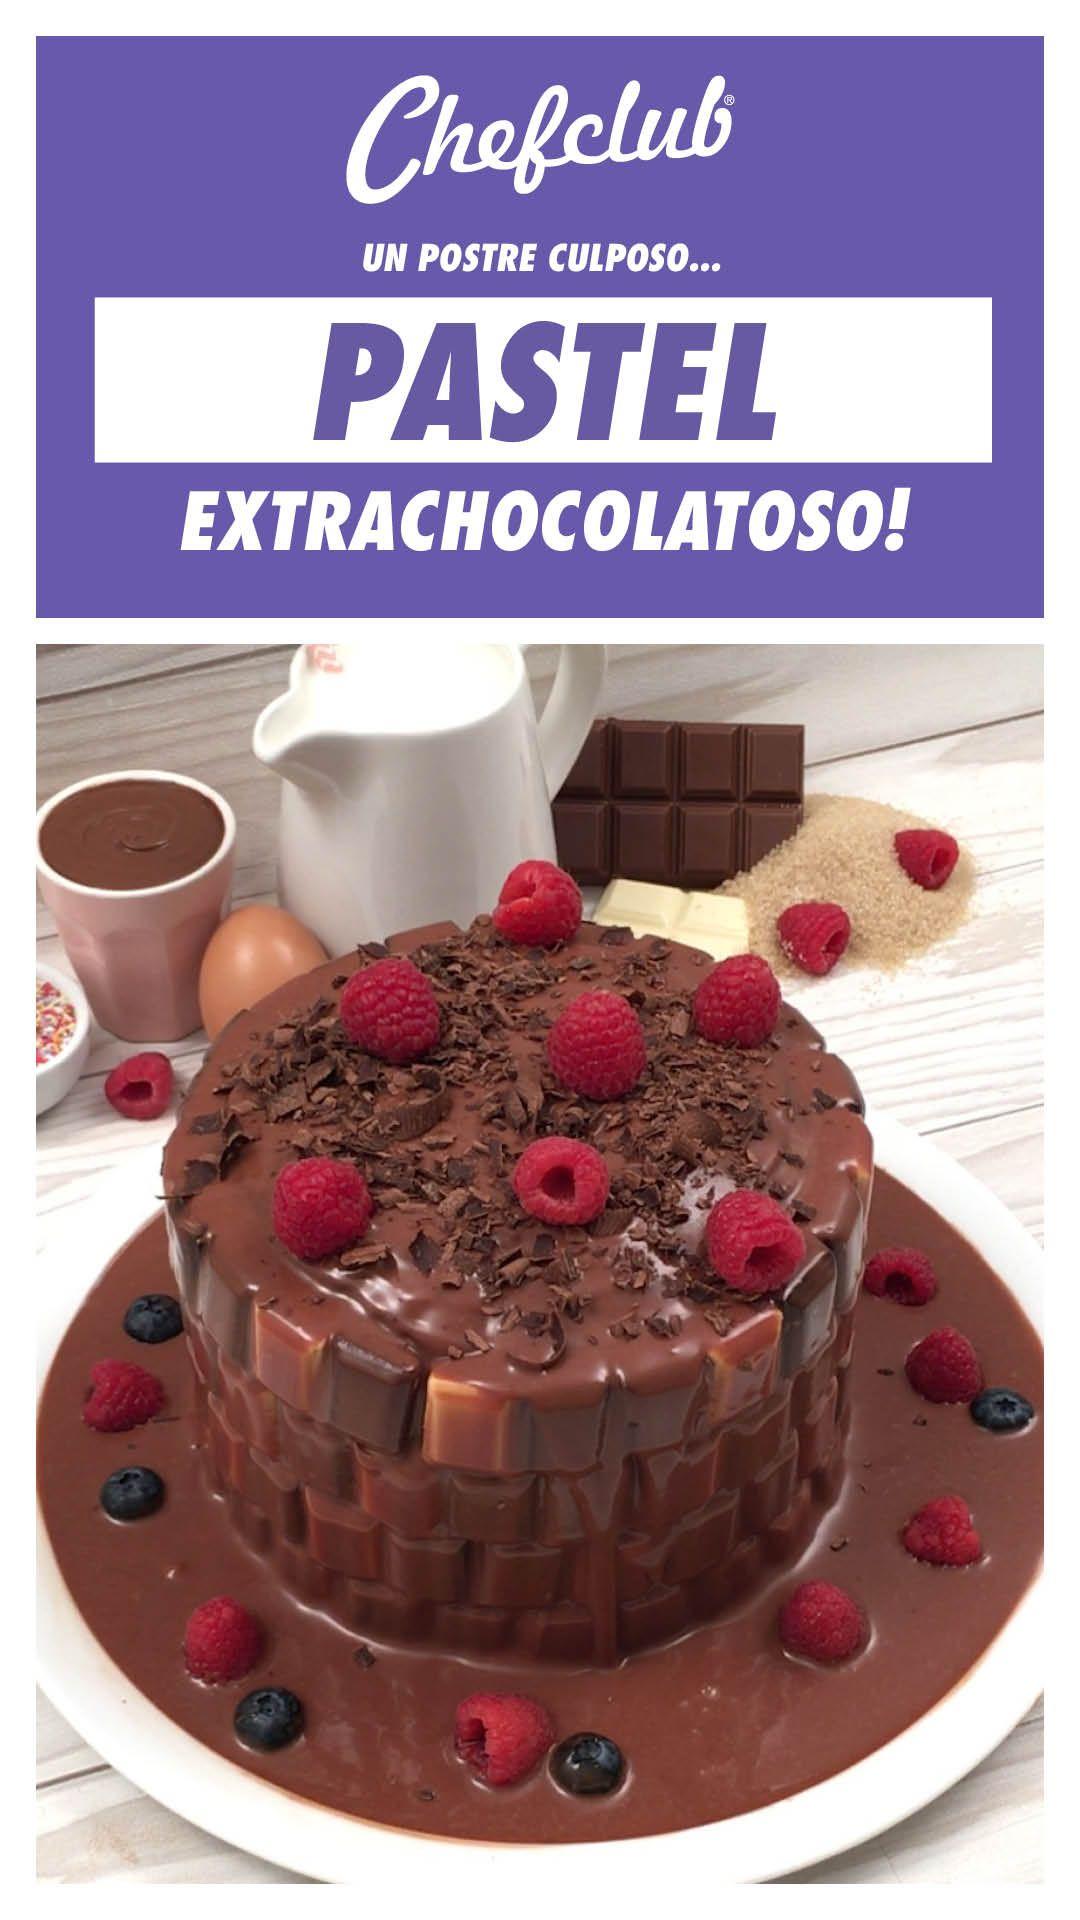 Receta Pozo Chocolatoso Y Otras Recetas Chefclub Original Receta Postre Comida Recetas